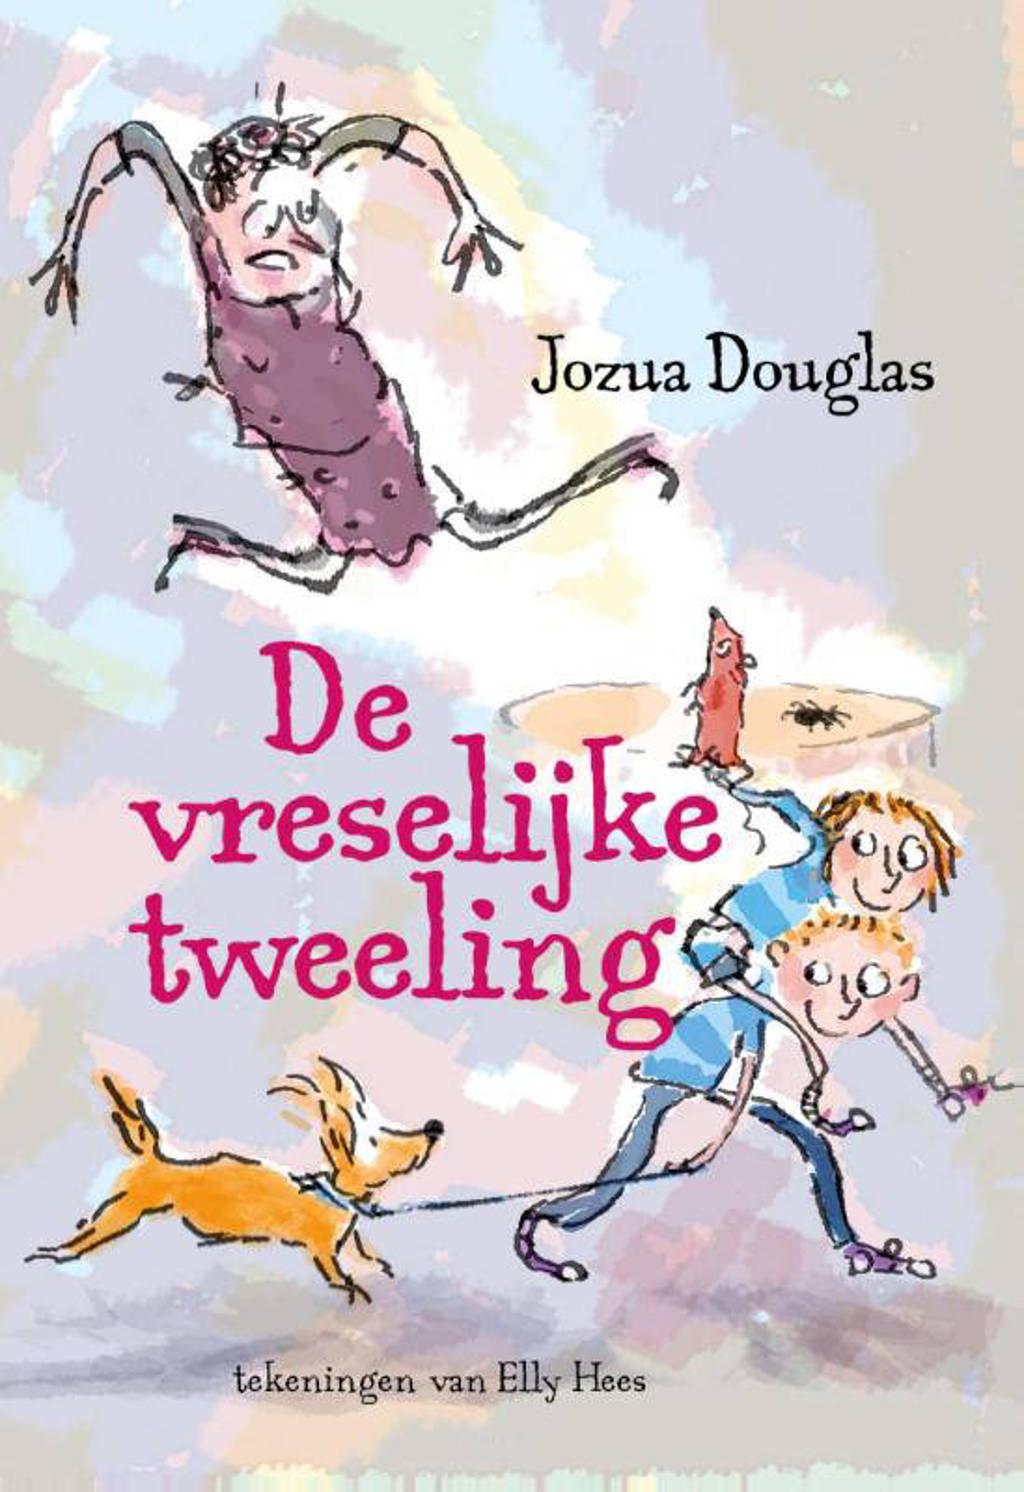 De vreselijke tweeling - Jozua Douglas